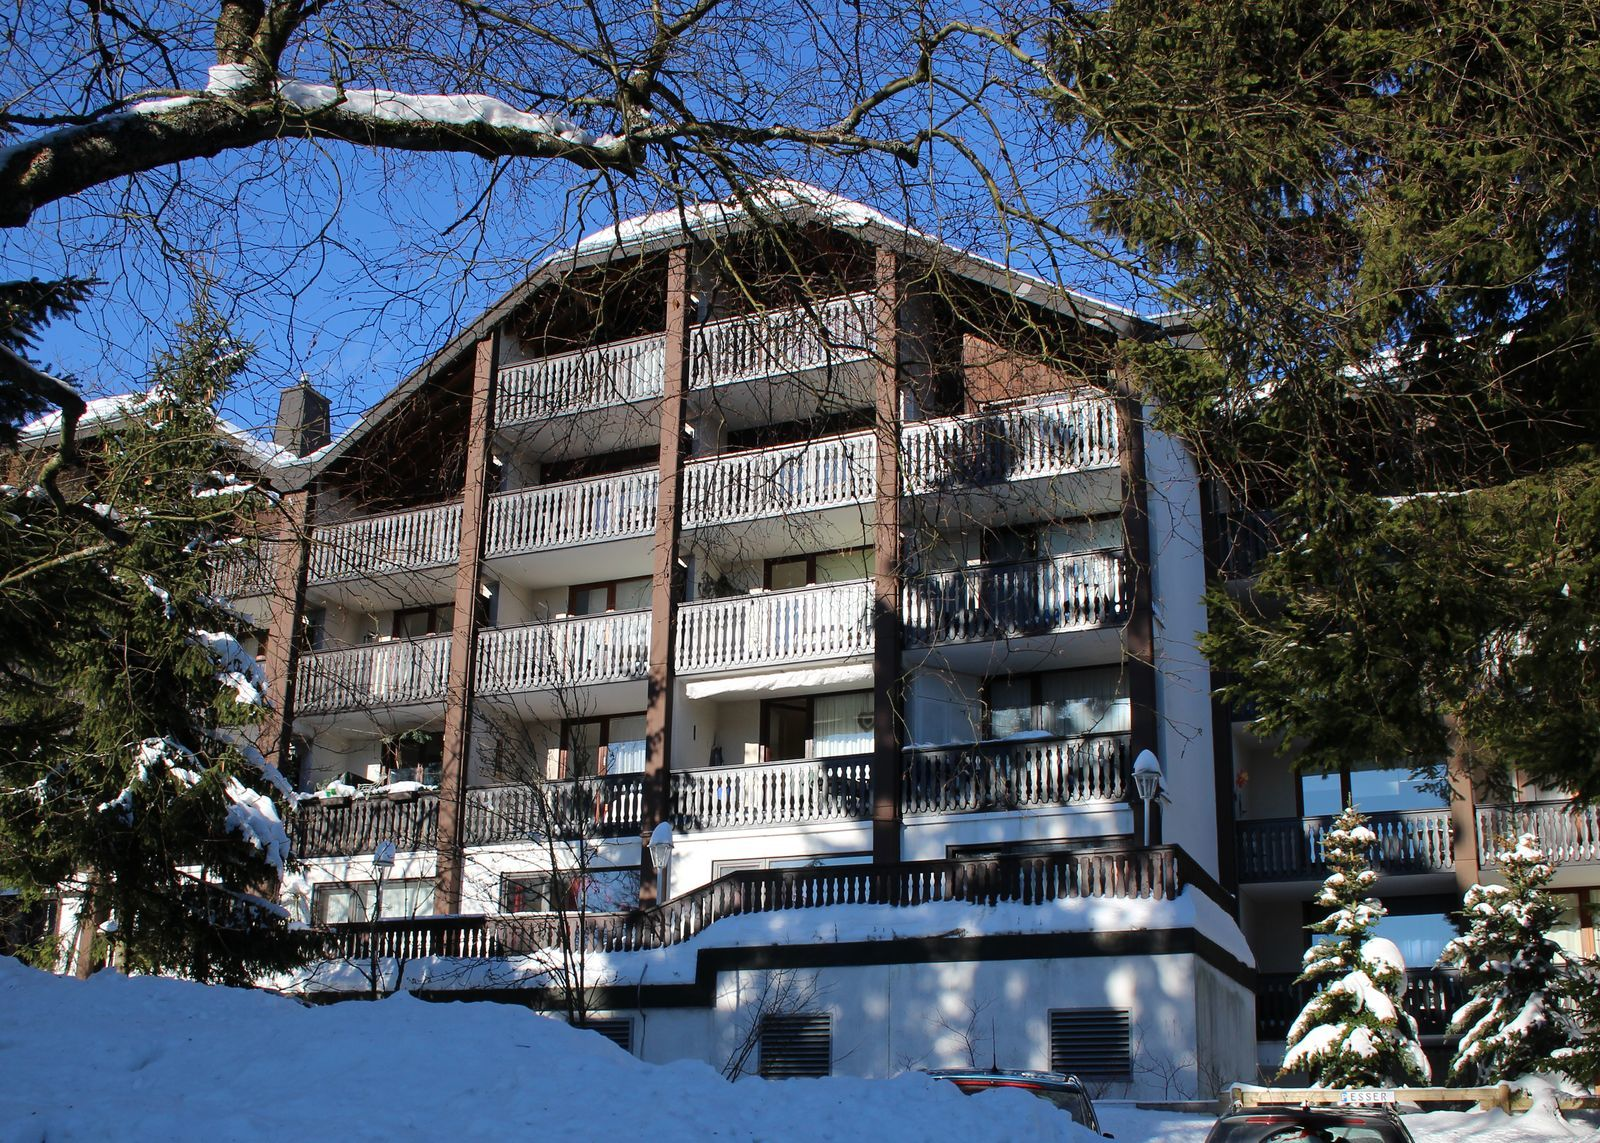 Apartment - Kapperundweg 4-B | Winterberg